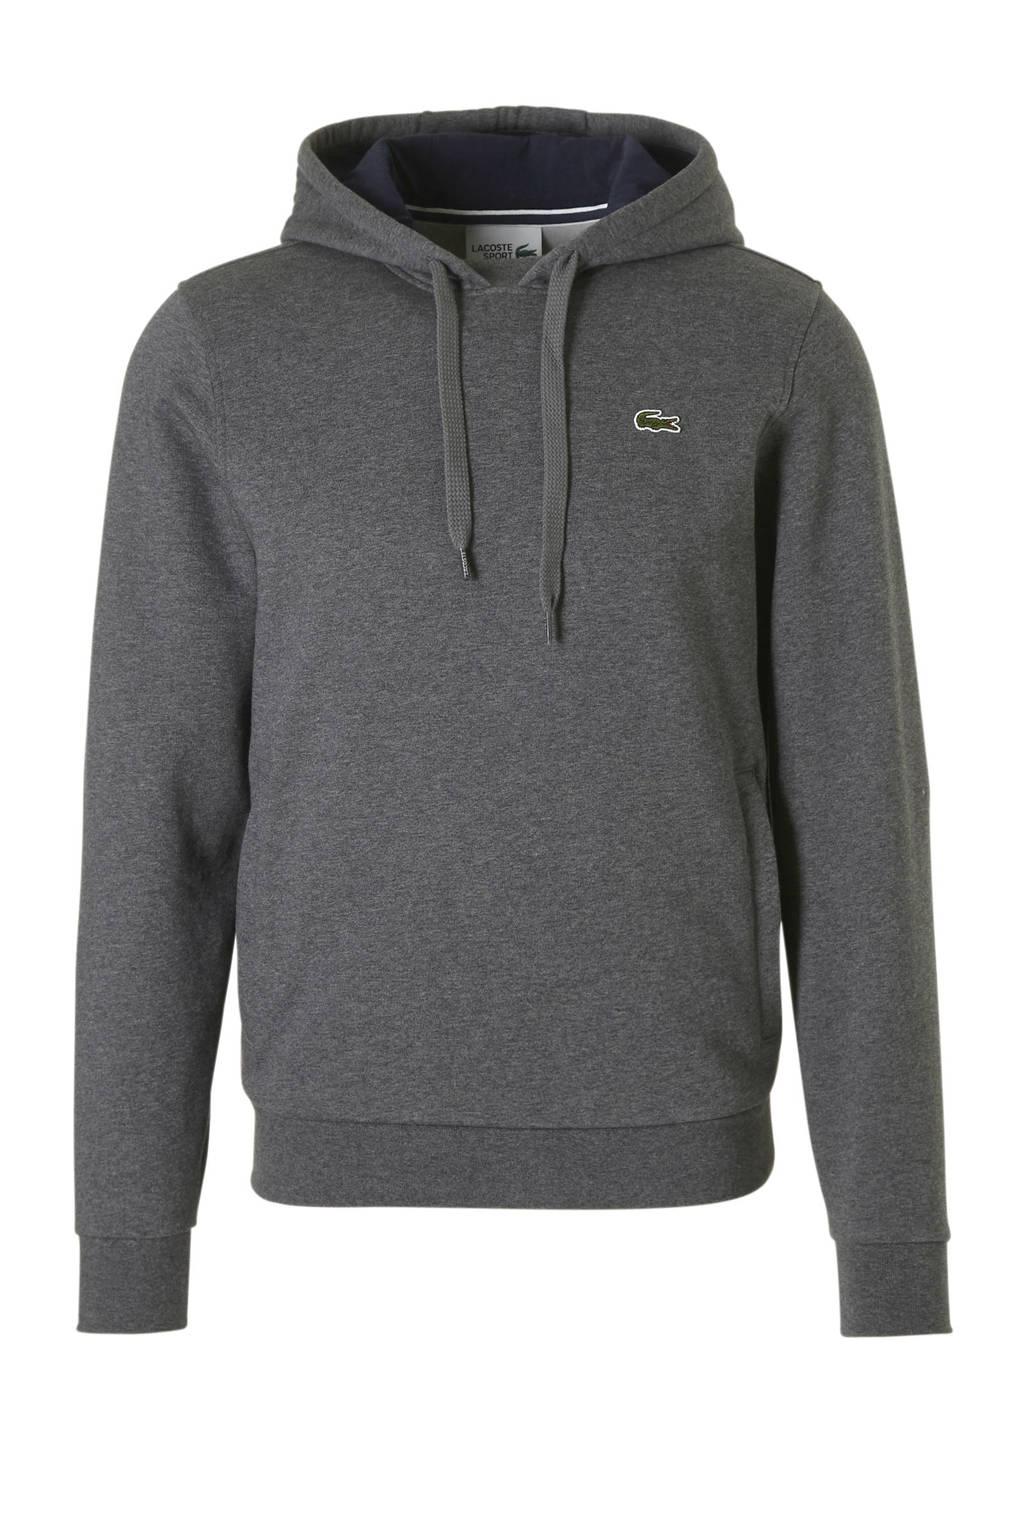 Lacoste   sportsweater grijs, Grijs